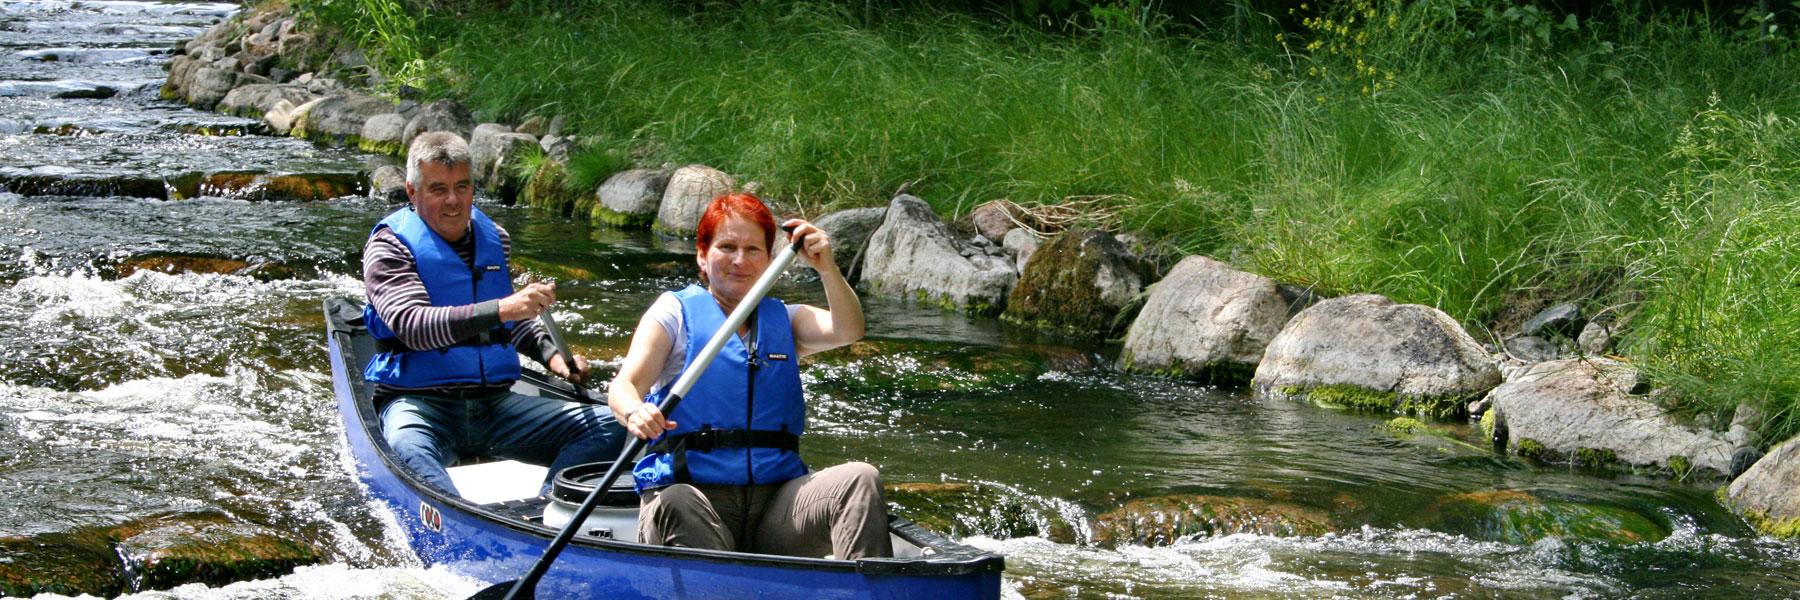 Warnow Fischtreppe - Kanu-Feriencamp Weitendorf